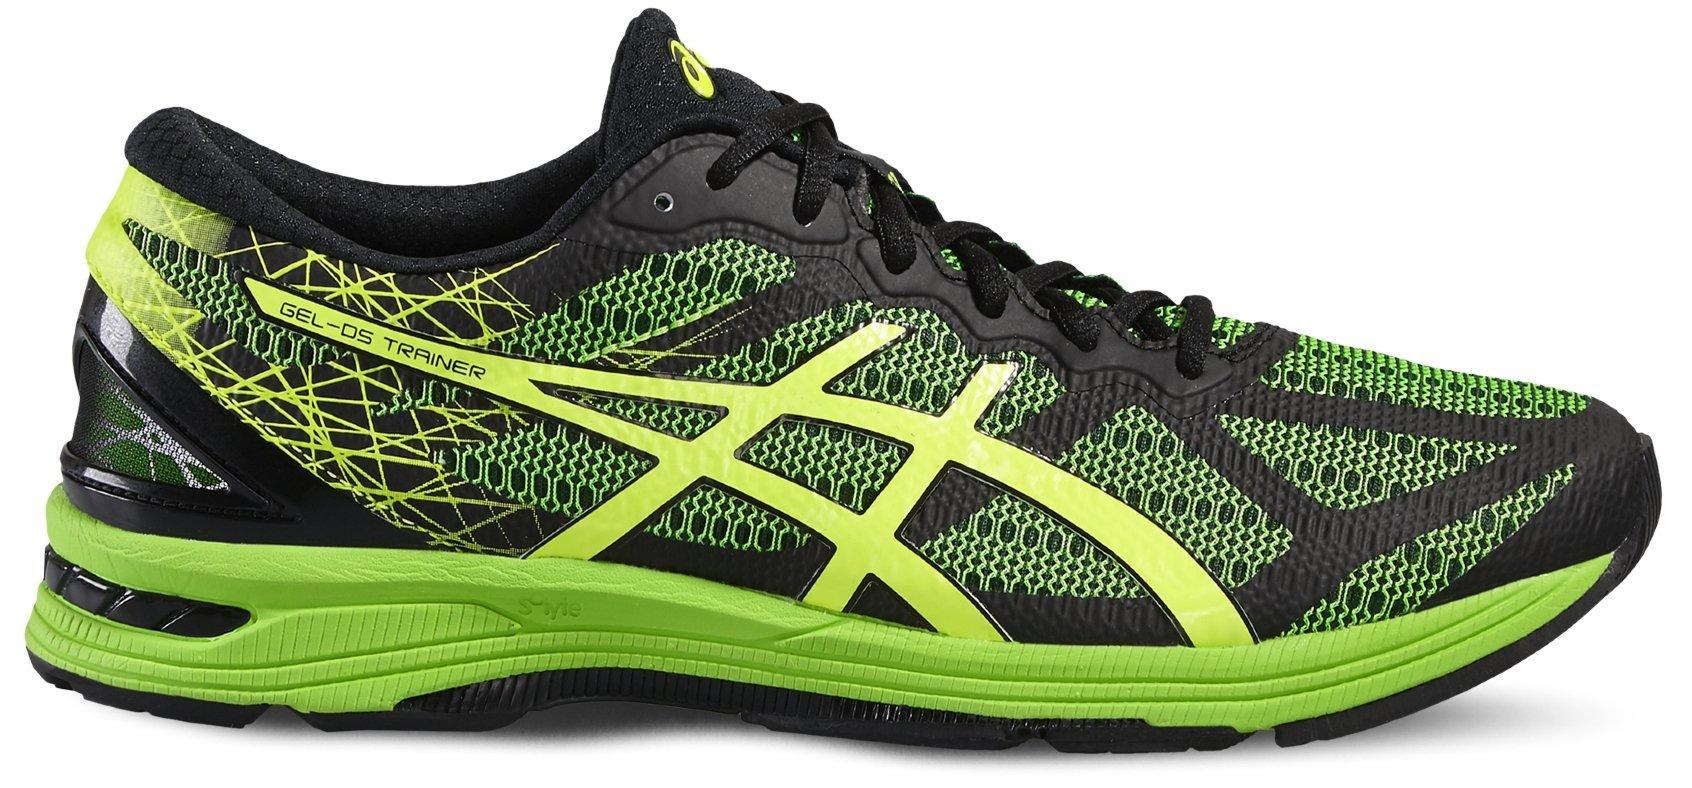 Беговые кроссовки для мужчин Asics Gel-DS Trainer 21 зеленые для темповых тренировок и соревнований